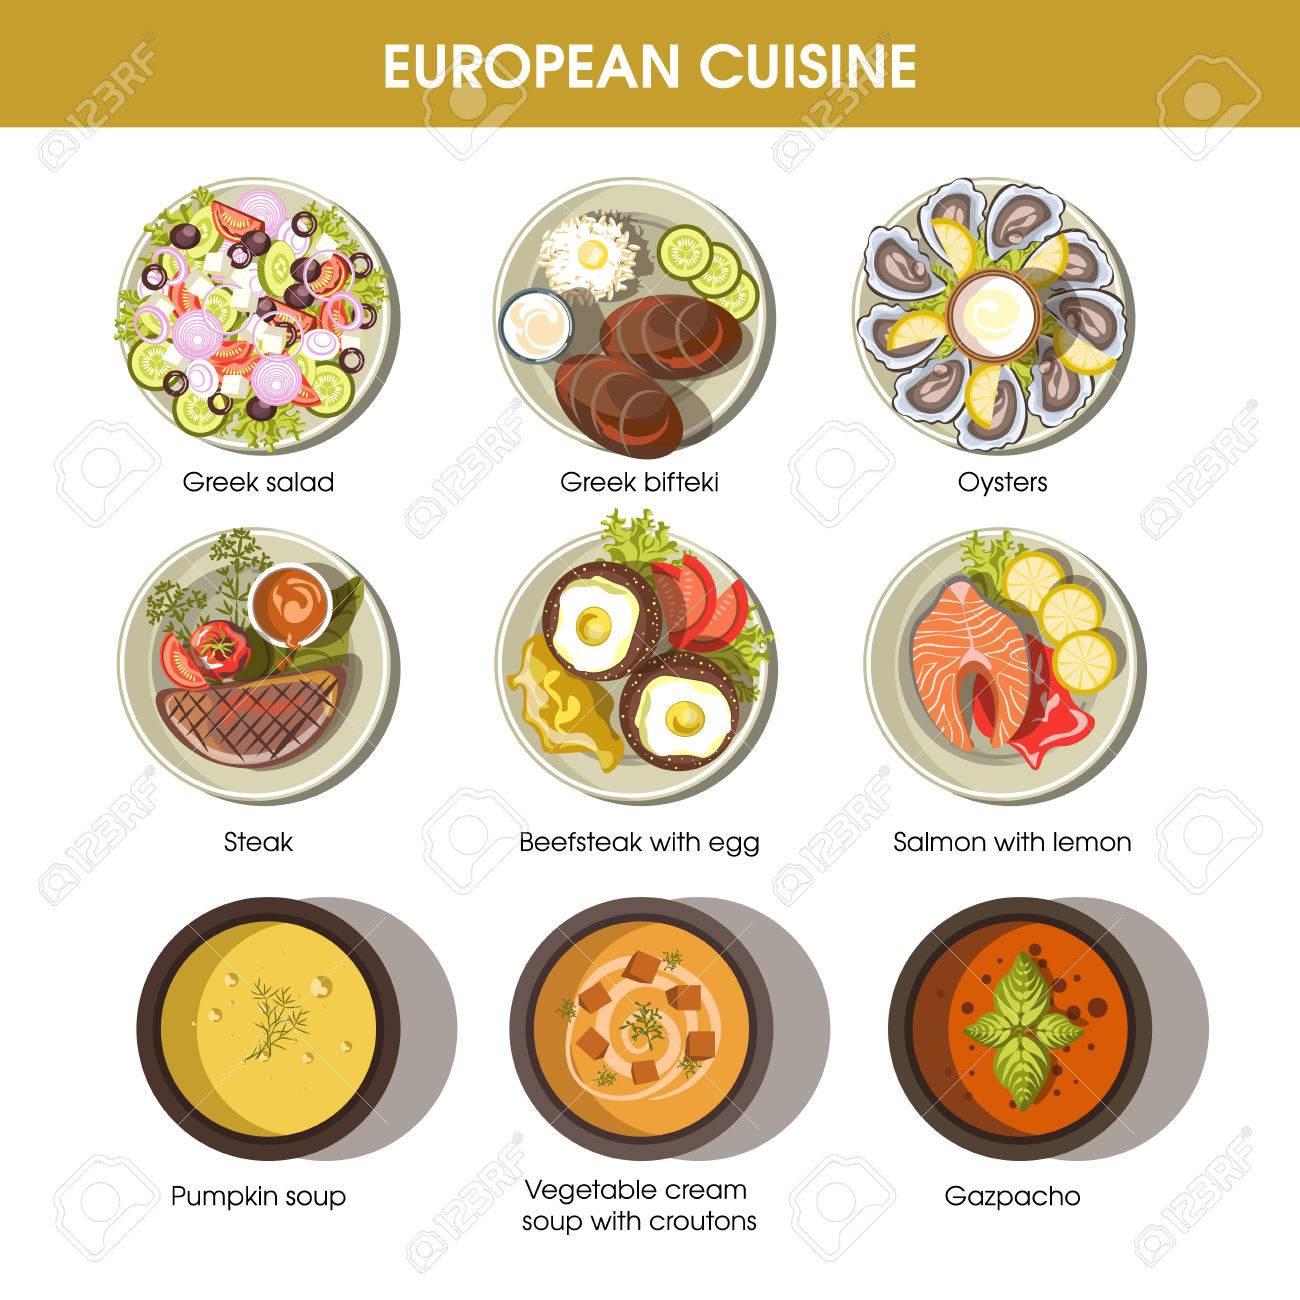 Europäische Küche Speisen Für Menü Vektor-Vorlagen Lizenzfrei ...